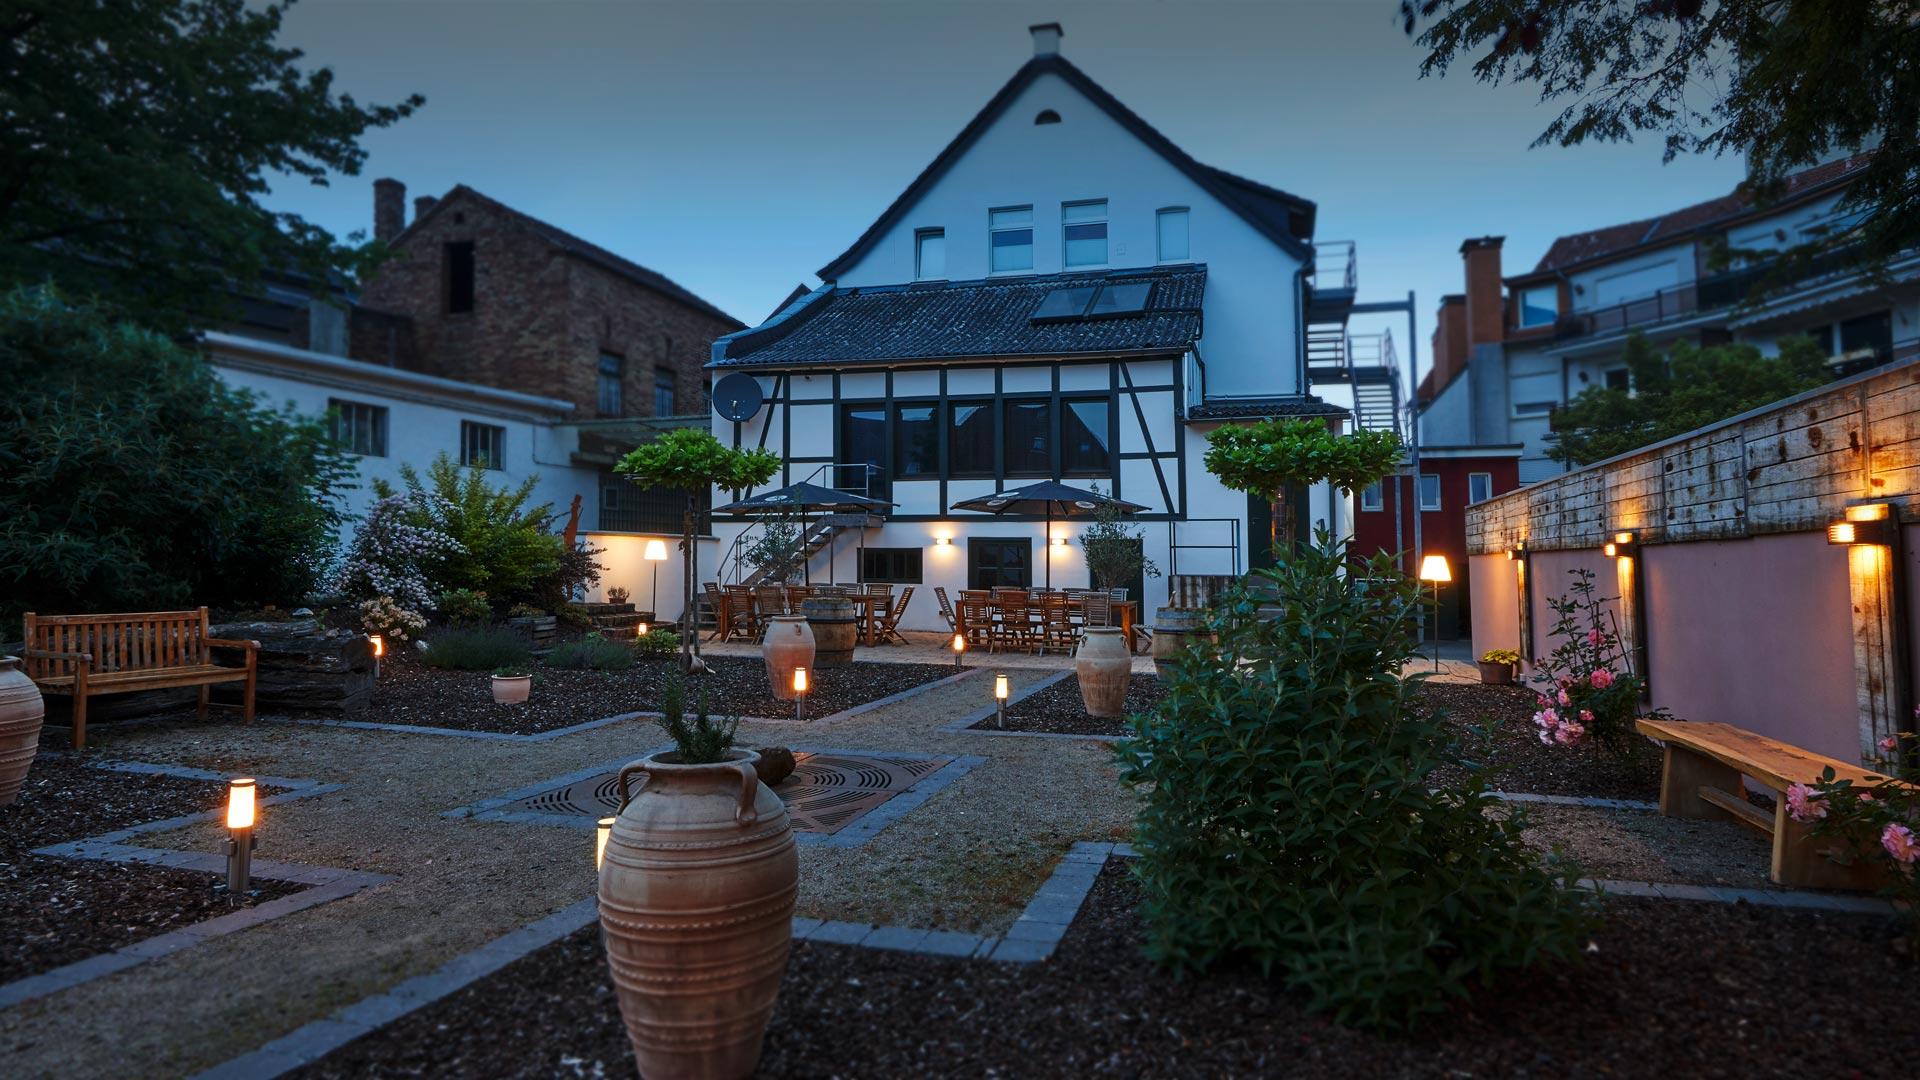 Garten der Alten Ratsschänke mit Außenküche in gemütlicher Atmosphäre.